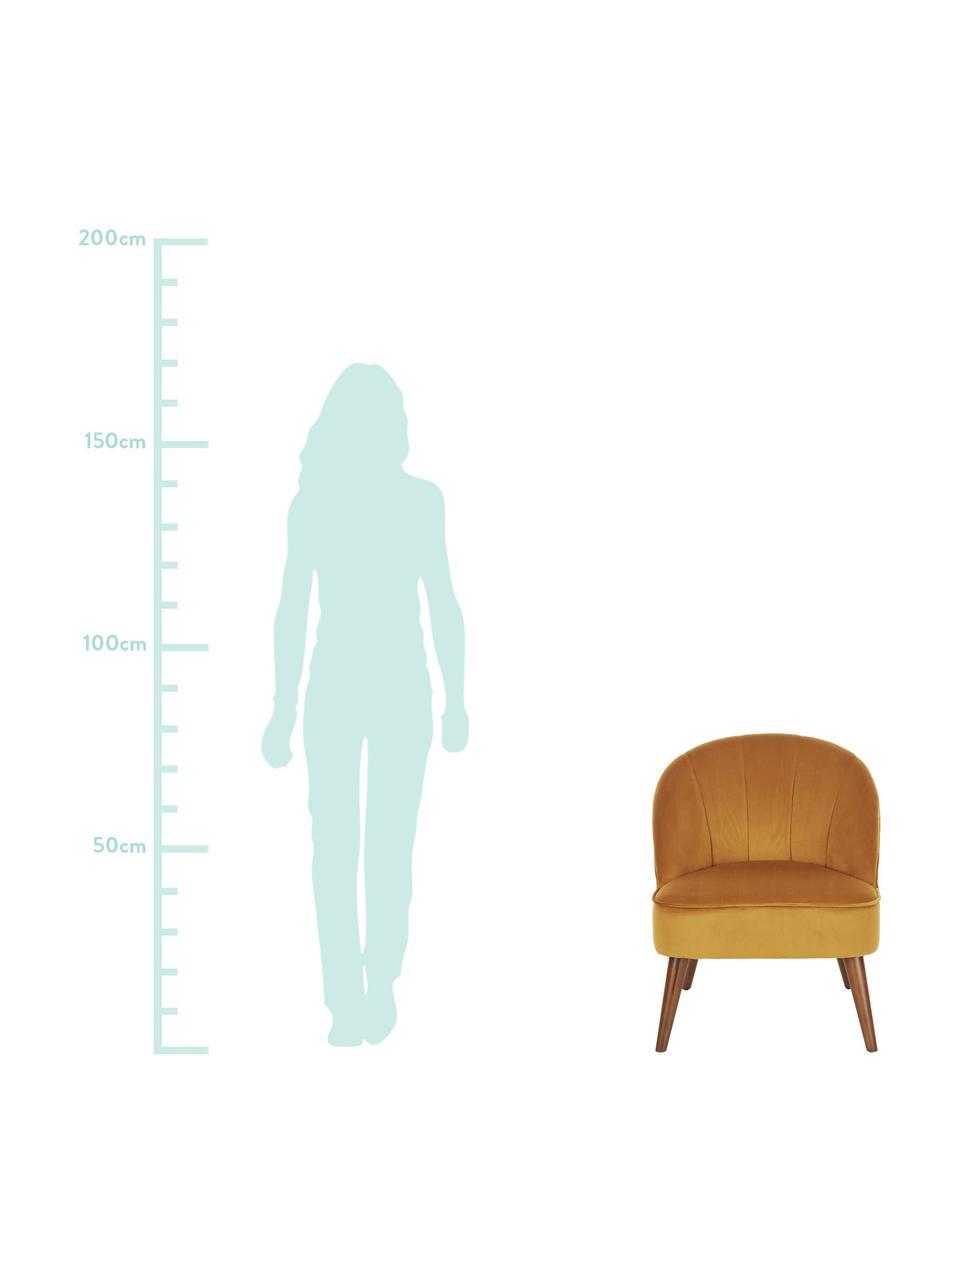 Fotel z aksamitu Aya, Tapicerka: aksamit (poliester) 30 00, Nogi: drewno brzozowe, lakierow, Kremowobiały teddy, S 73 x G 64 cm